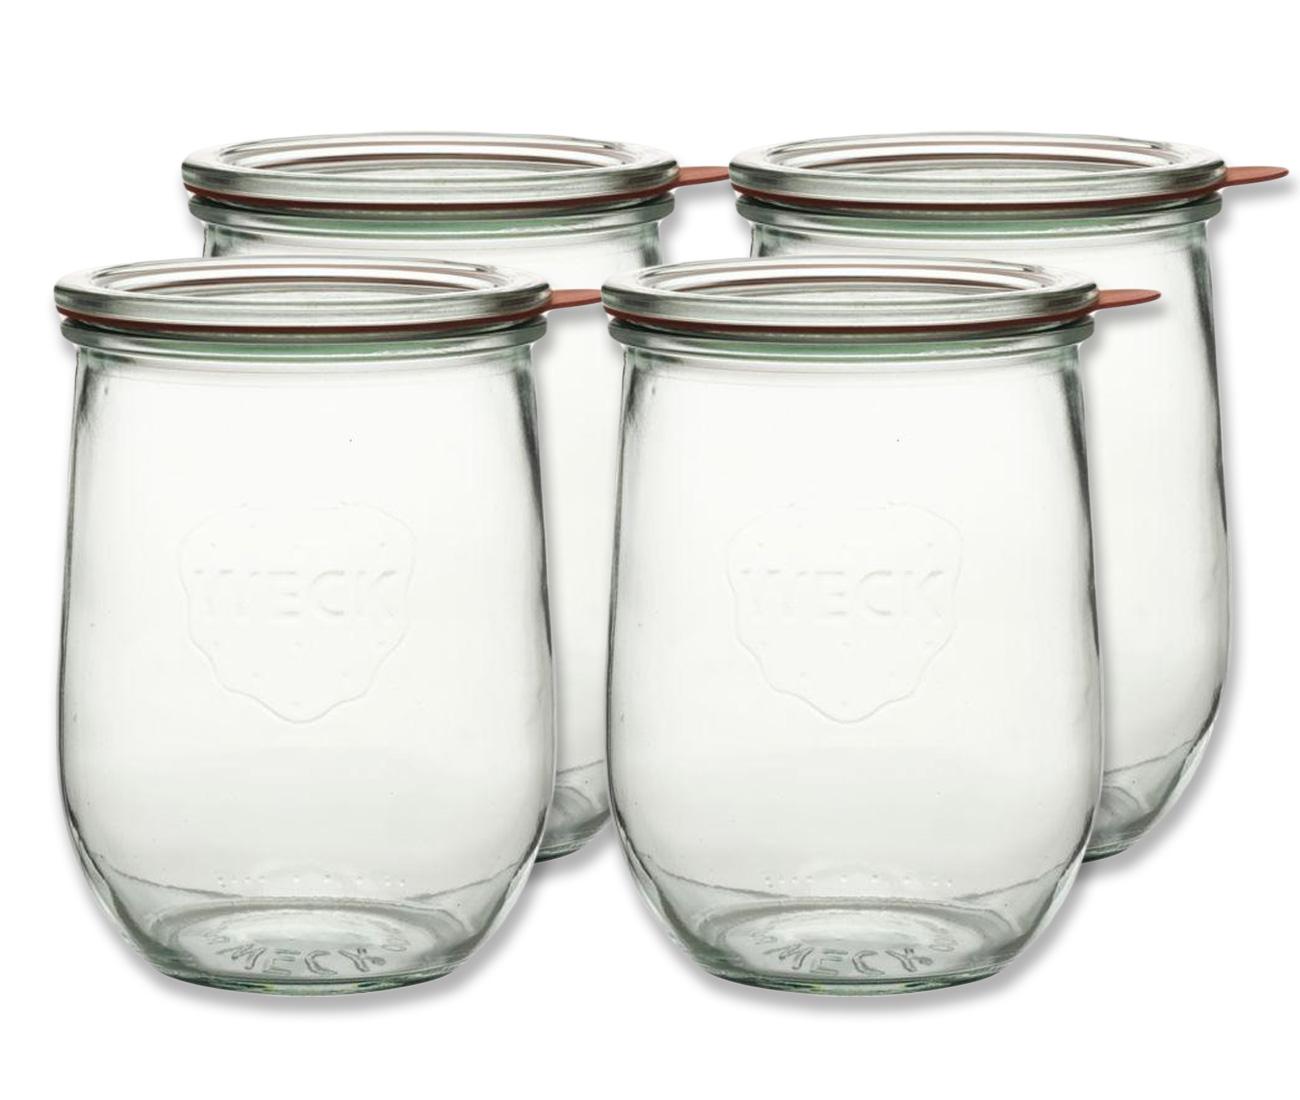 einkochglas mit deckel 1 lt 4 teilig einmachgl ser einkochen einmachen kadashop. Black Bedroom Furniture Sets. Home Design Ideas